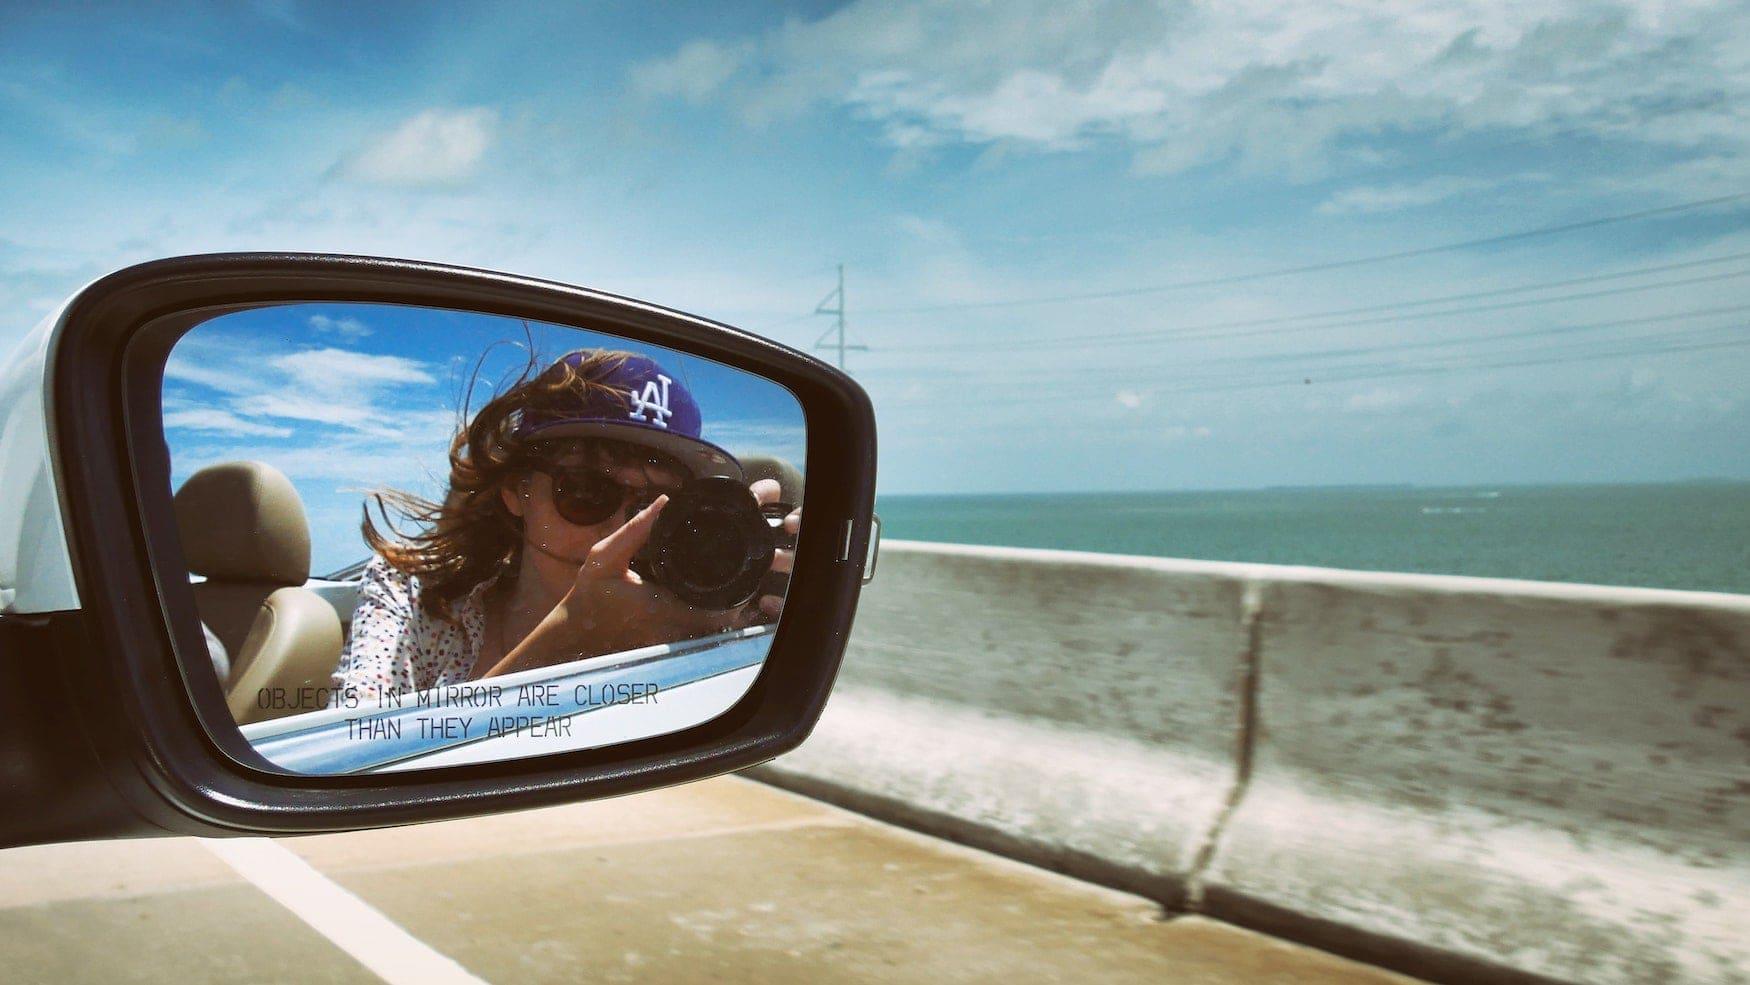 Frau fotografiert sich in Autospiegel während Roadtrip durch Florida